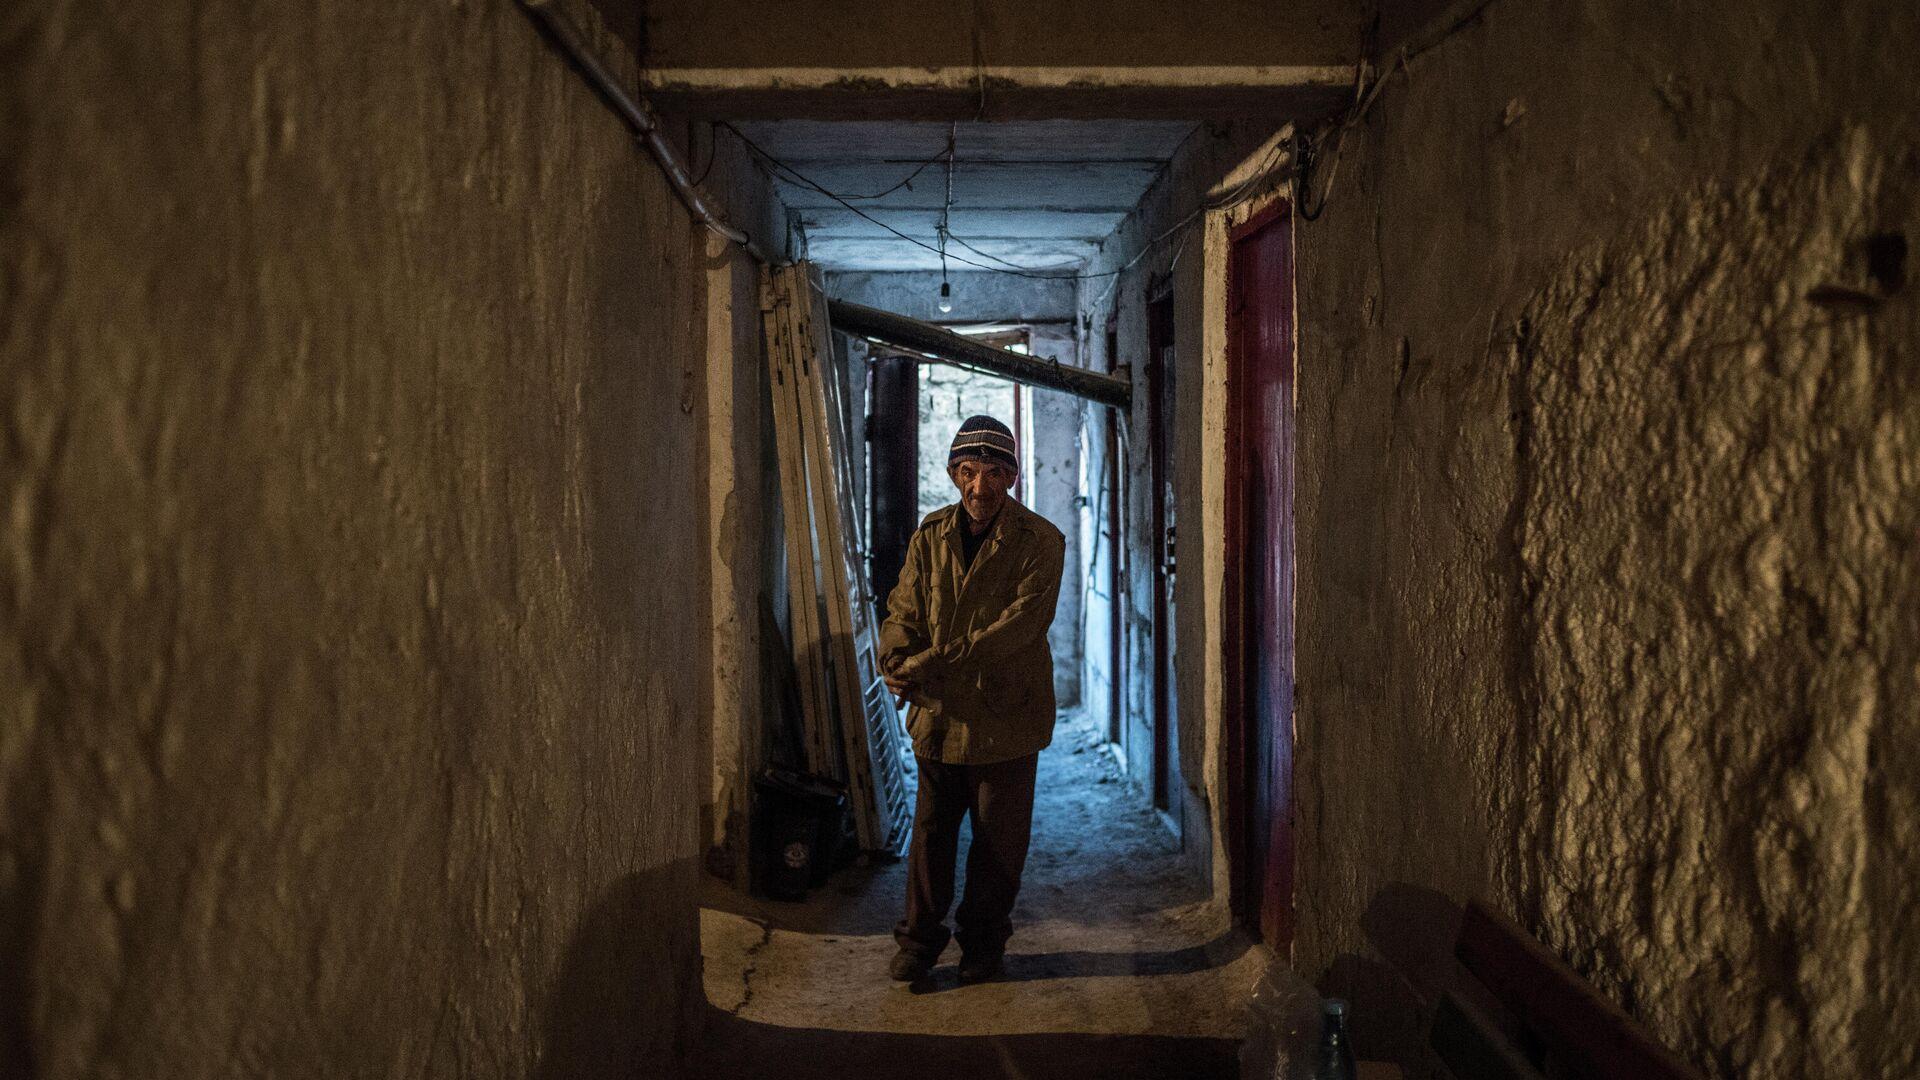 Пожилой мужчина в коридоре своего дома в Степанакерте - РИА Новости, 1920, 31.10.2020